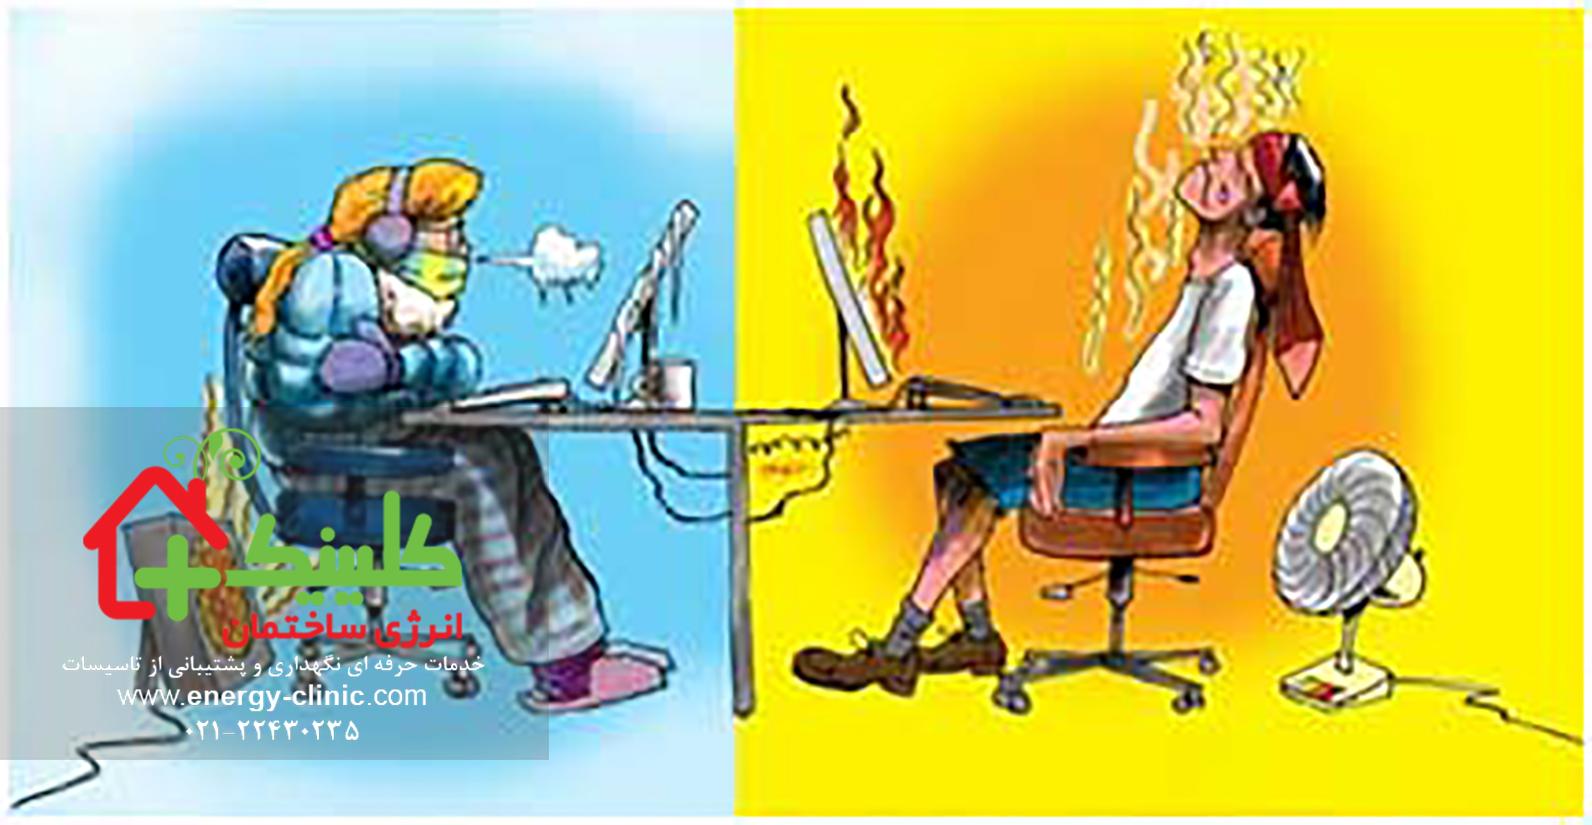 آیا سیستمهای تاسیسات گرمایش سرمایش و تهویهی مطبوع HVAC بر راندمان کاری کارکنان تاثیر دارد